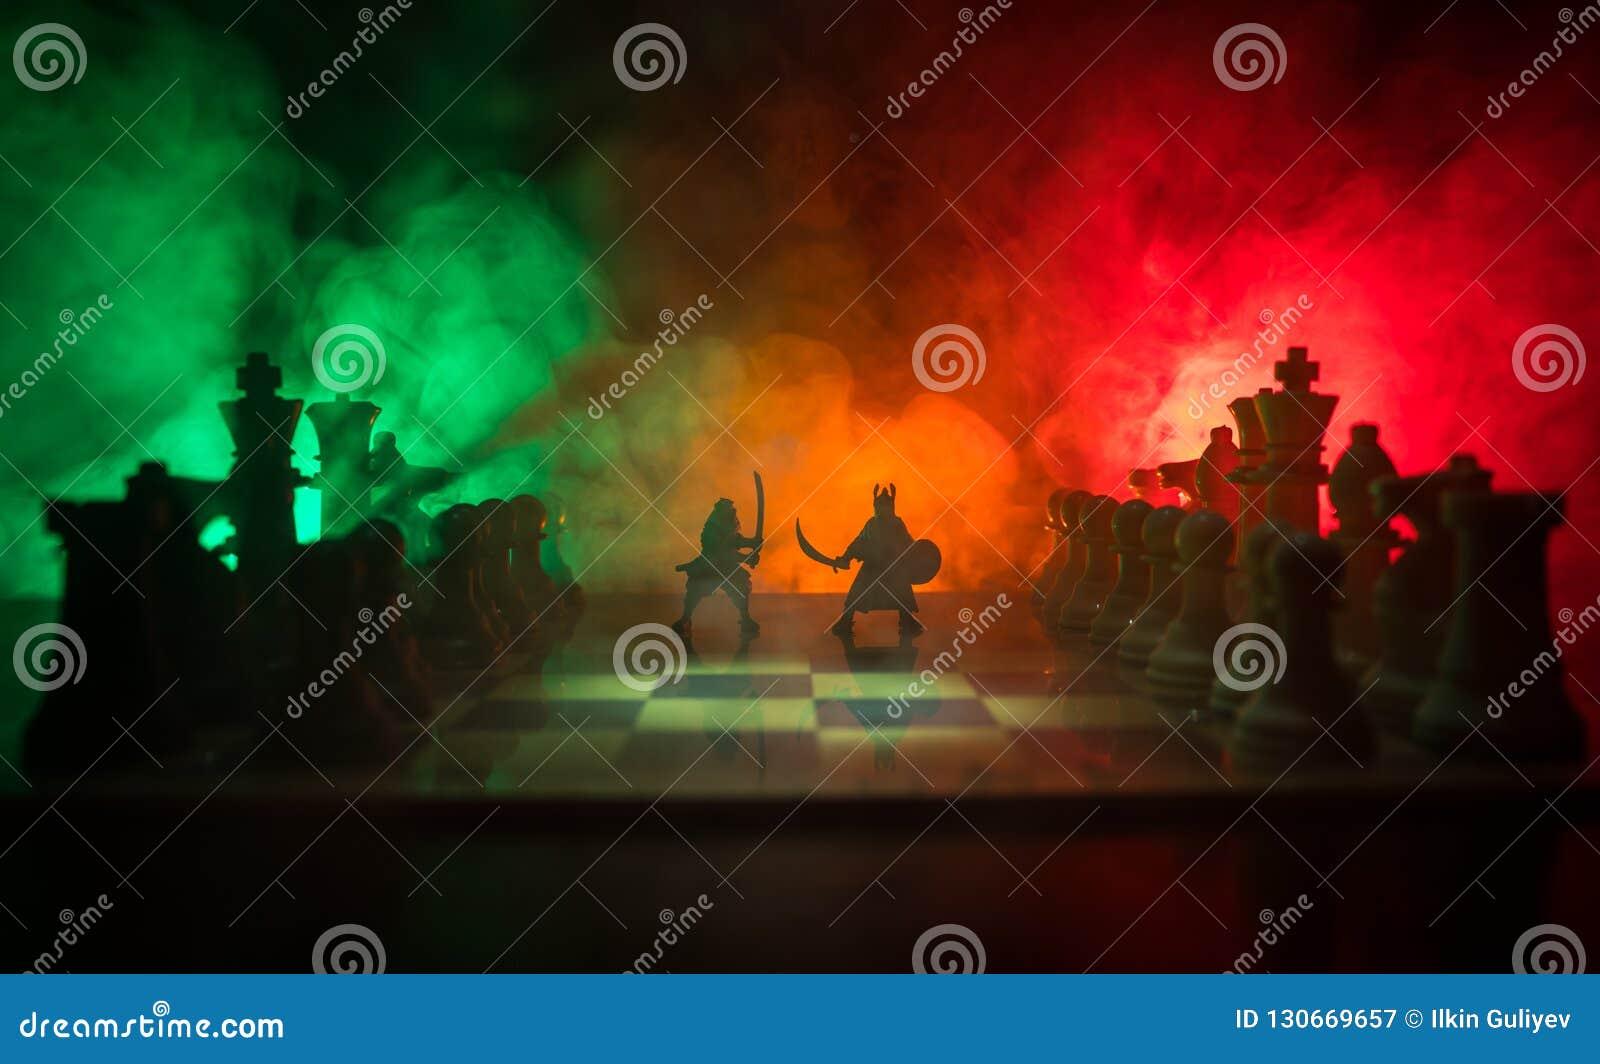 Μεσαιωνική σκηνή μάχης με το ιππικό και το πεζικό στη σκακιέρα Έννοια επιτραπέζιων παιχνιδιών σκακιού των επιχειρησιακών ιδεών κα